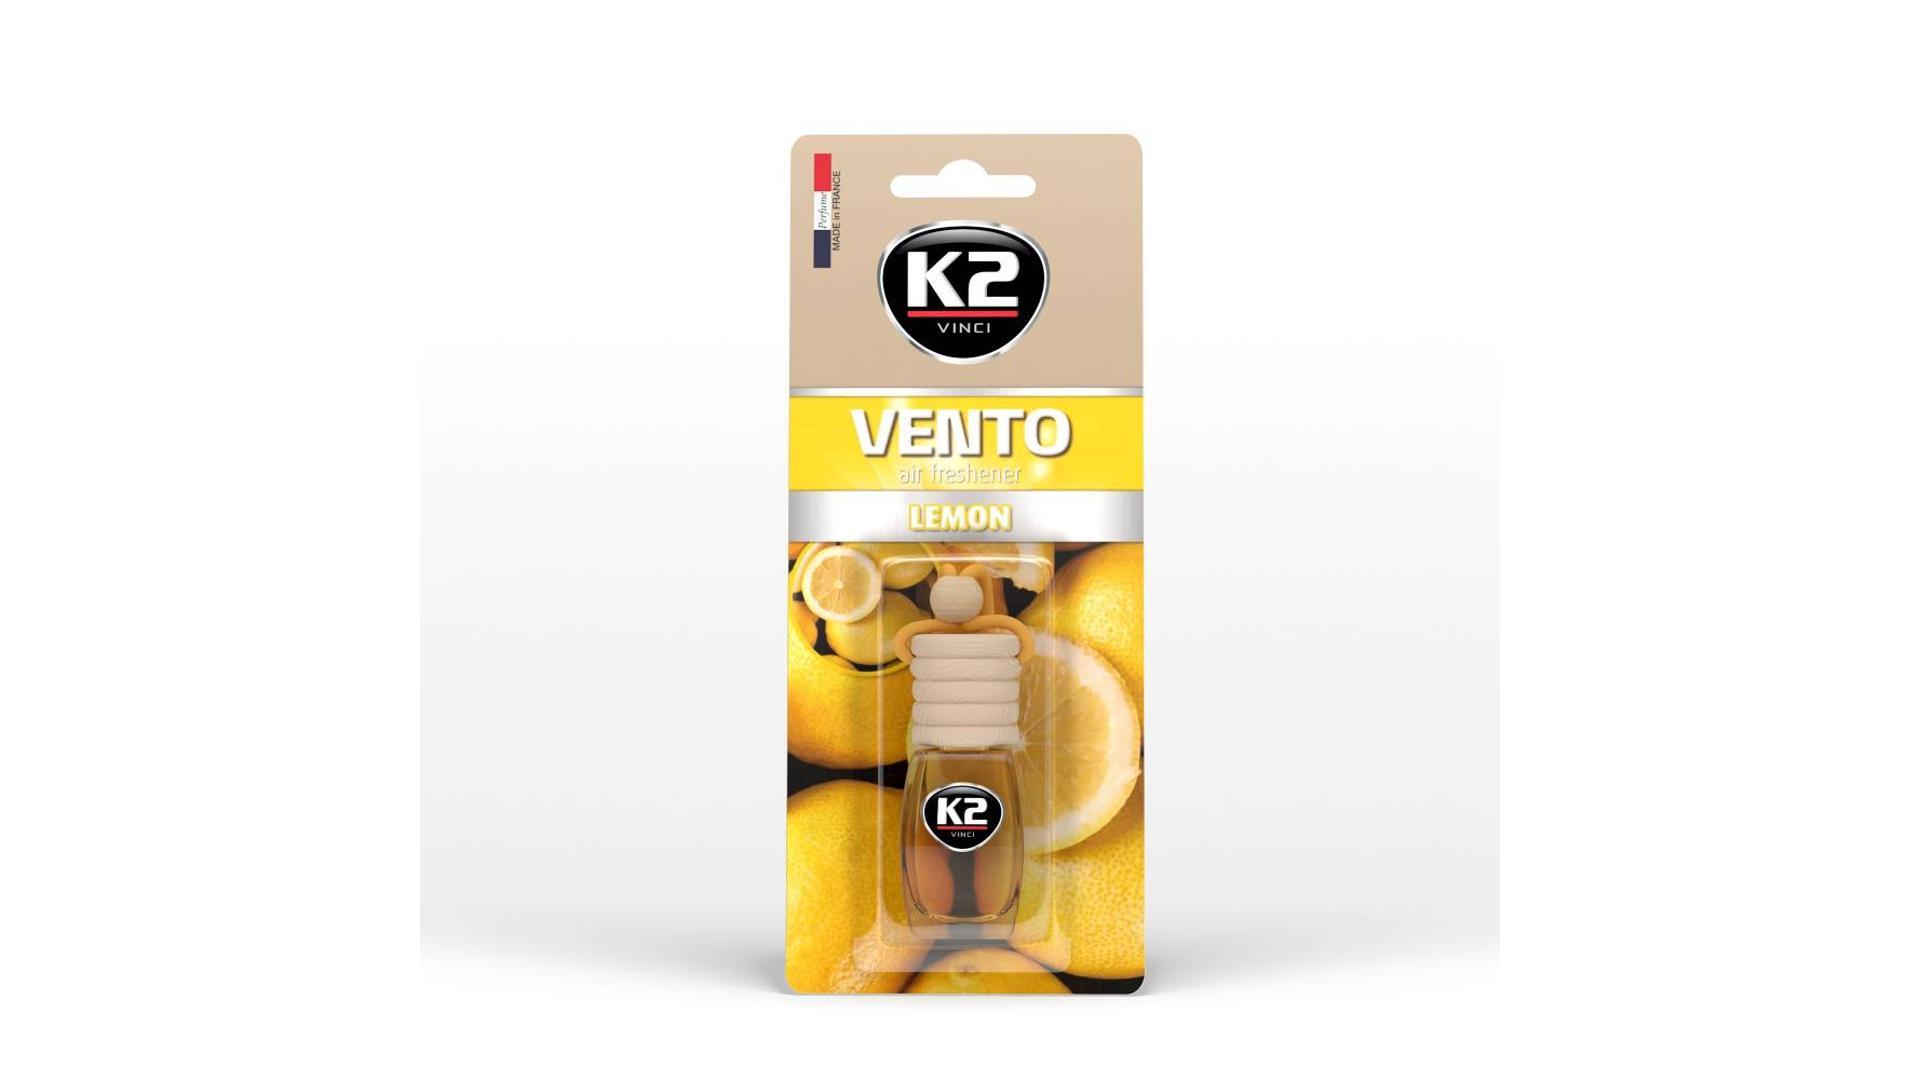 K2 VENTO osvěžovač vzduchu - Citron 8ml